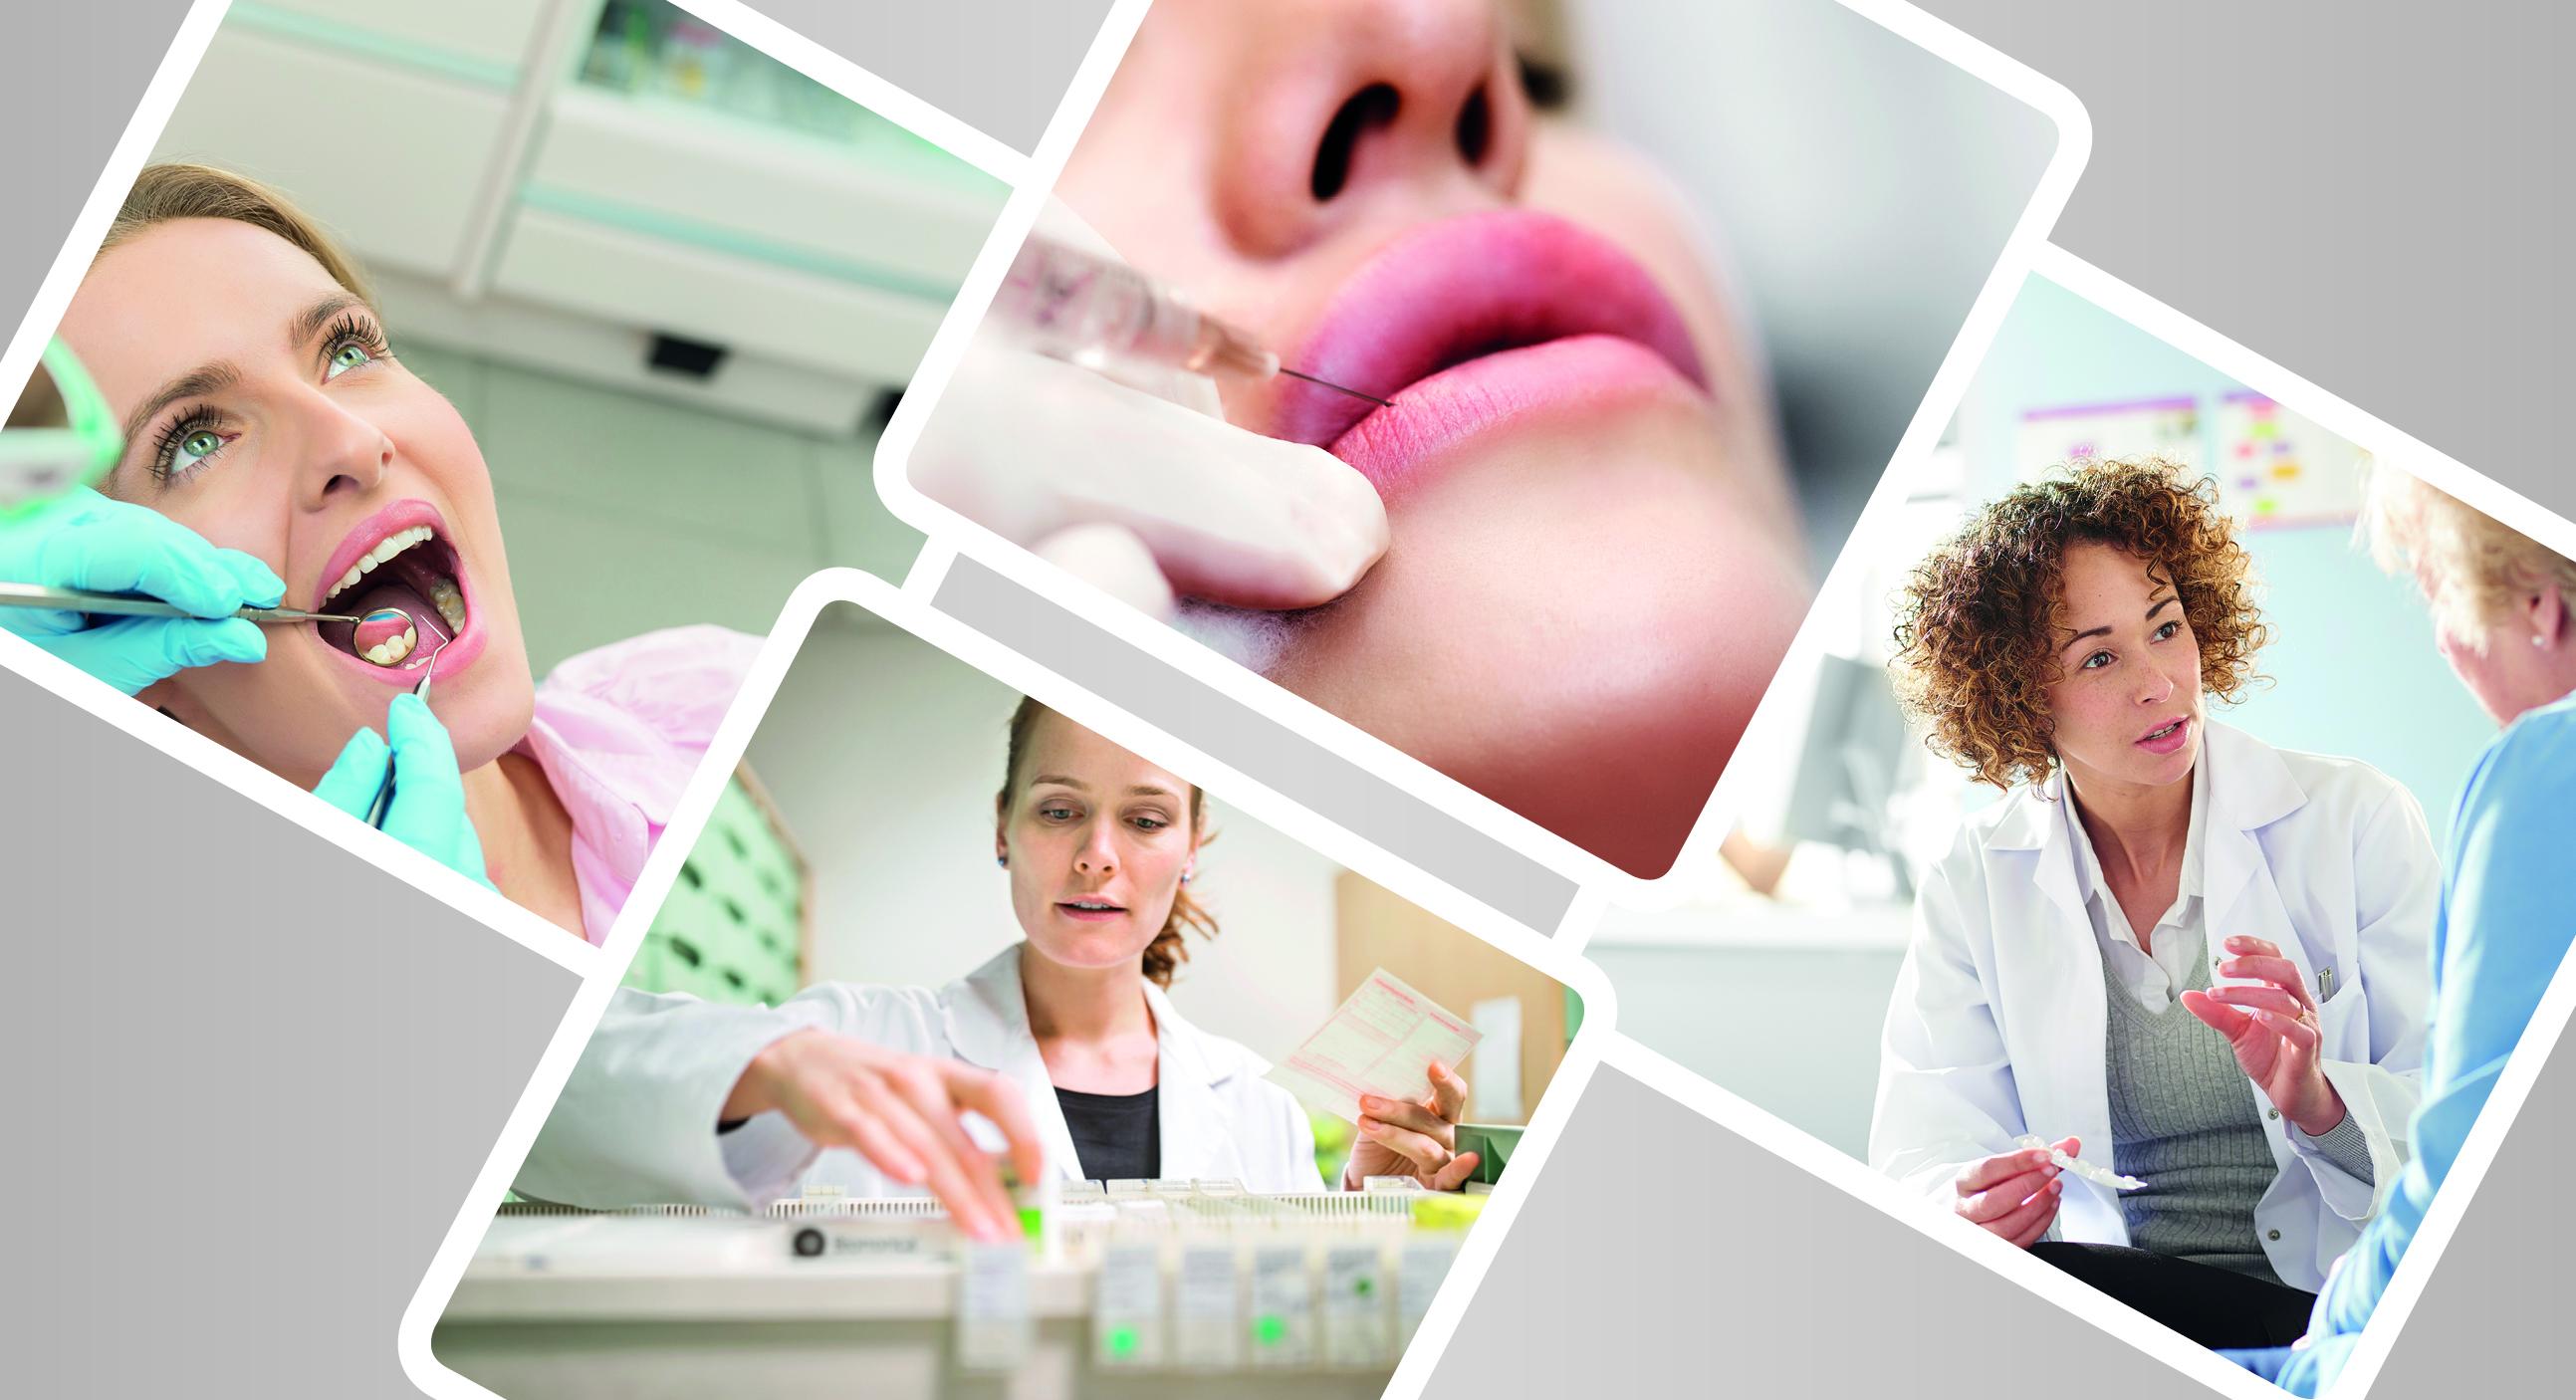 Monitoring pour le stockage de médicaments dans les cabinets et instituts médicaux